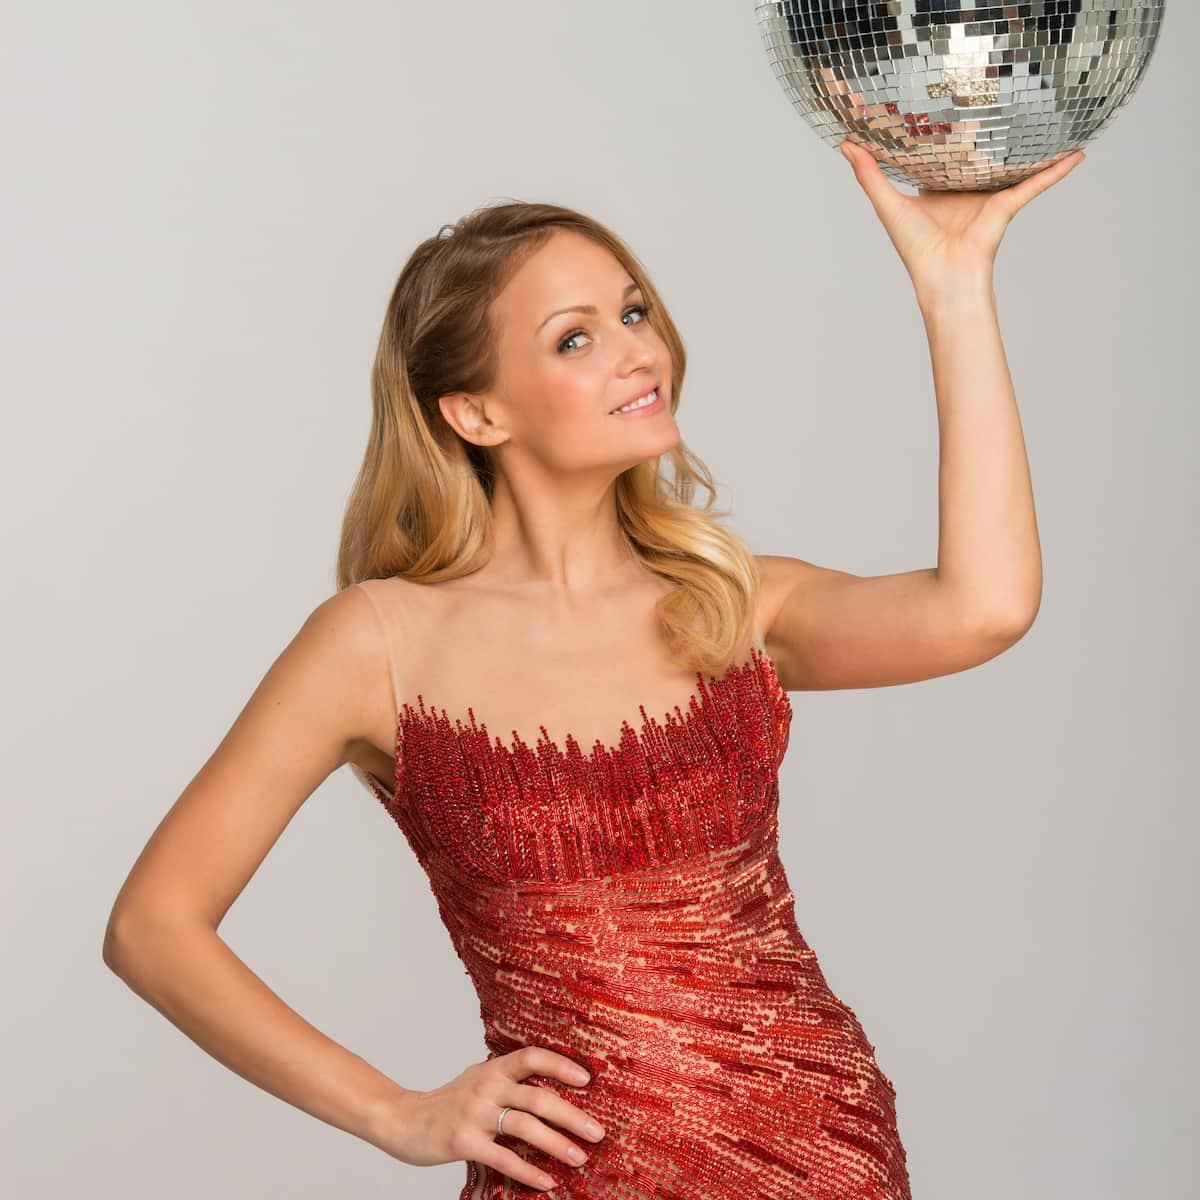 Mirjam Weichselbraun bei den Dancing Stars 2021 wieder als Moderatorin dabei